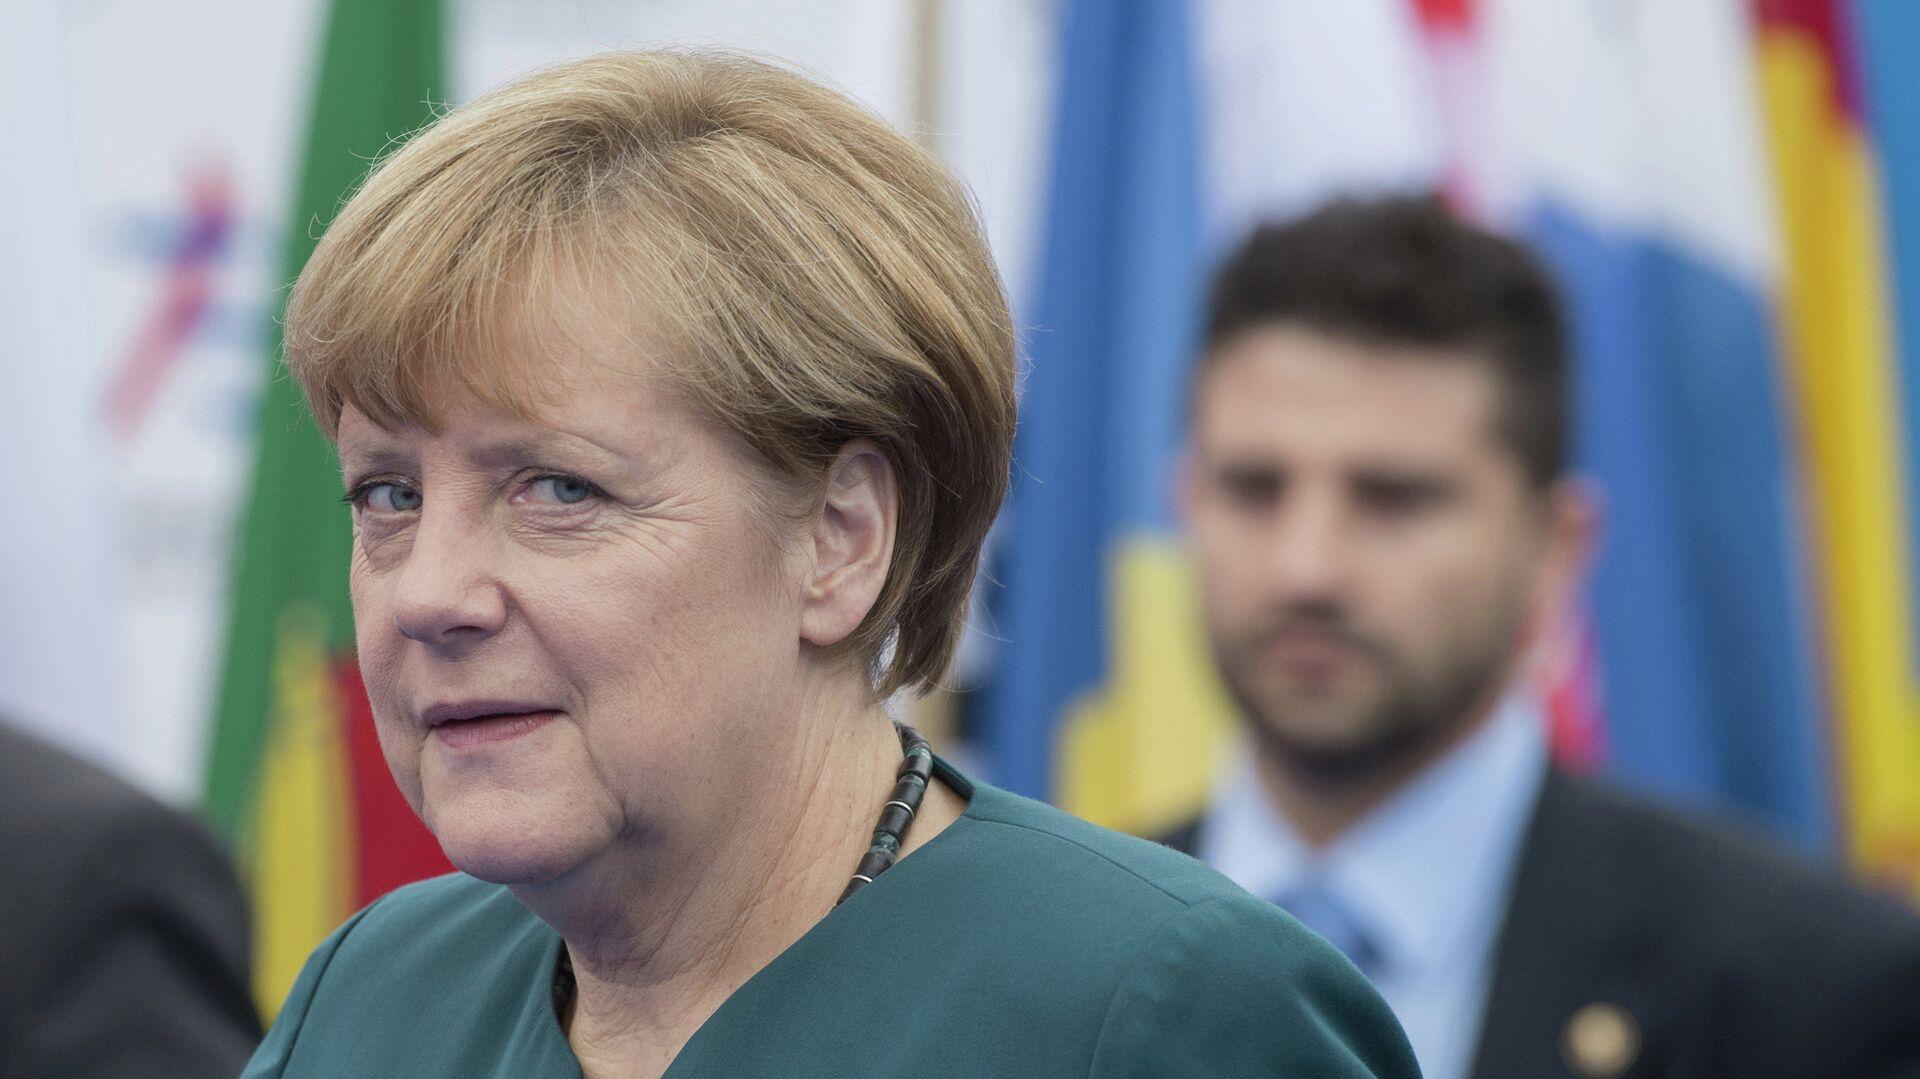 Канцлер Германии Ангела Меркель. Архивное фото - Sputnik Таджикистан, 1920, 12.04.2021